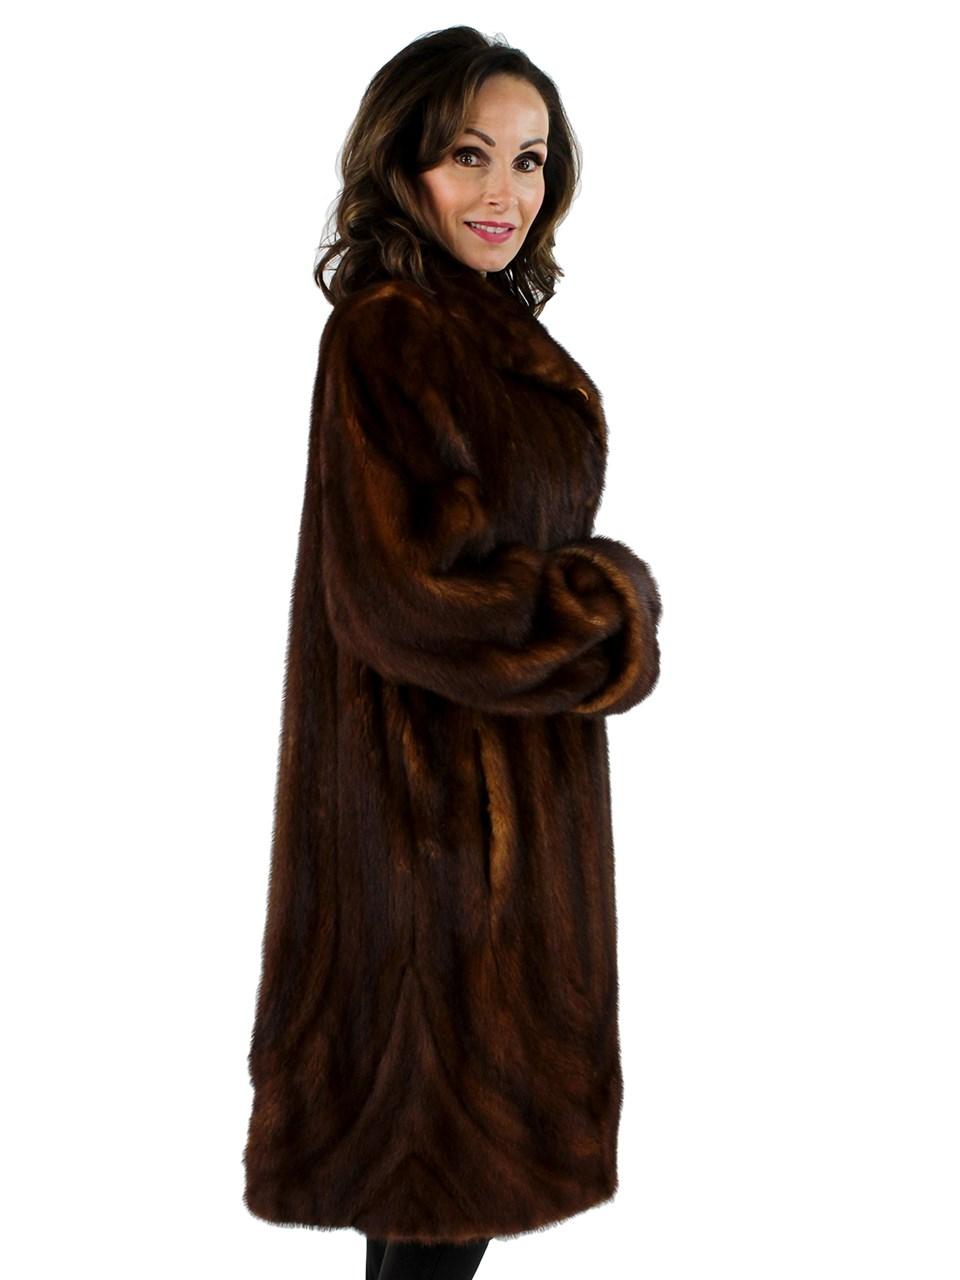 Whiskey Directional Female Mink Stroller